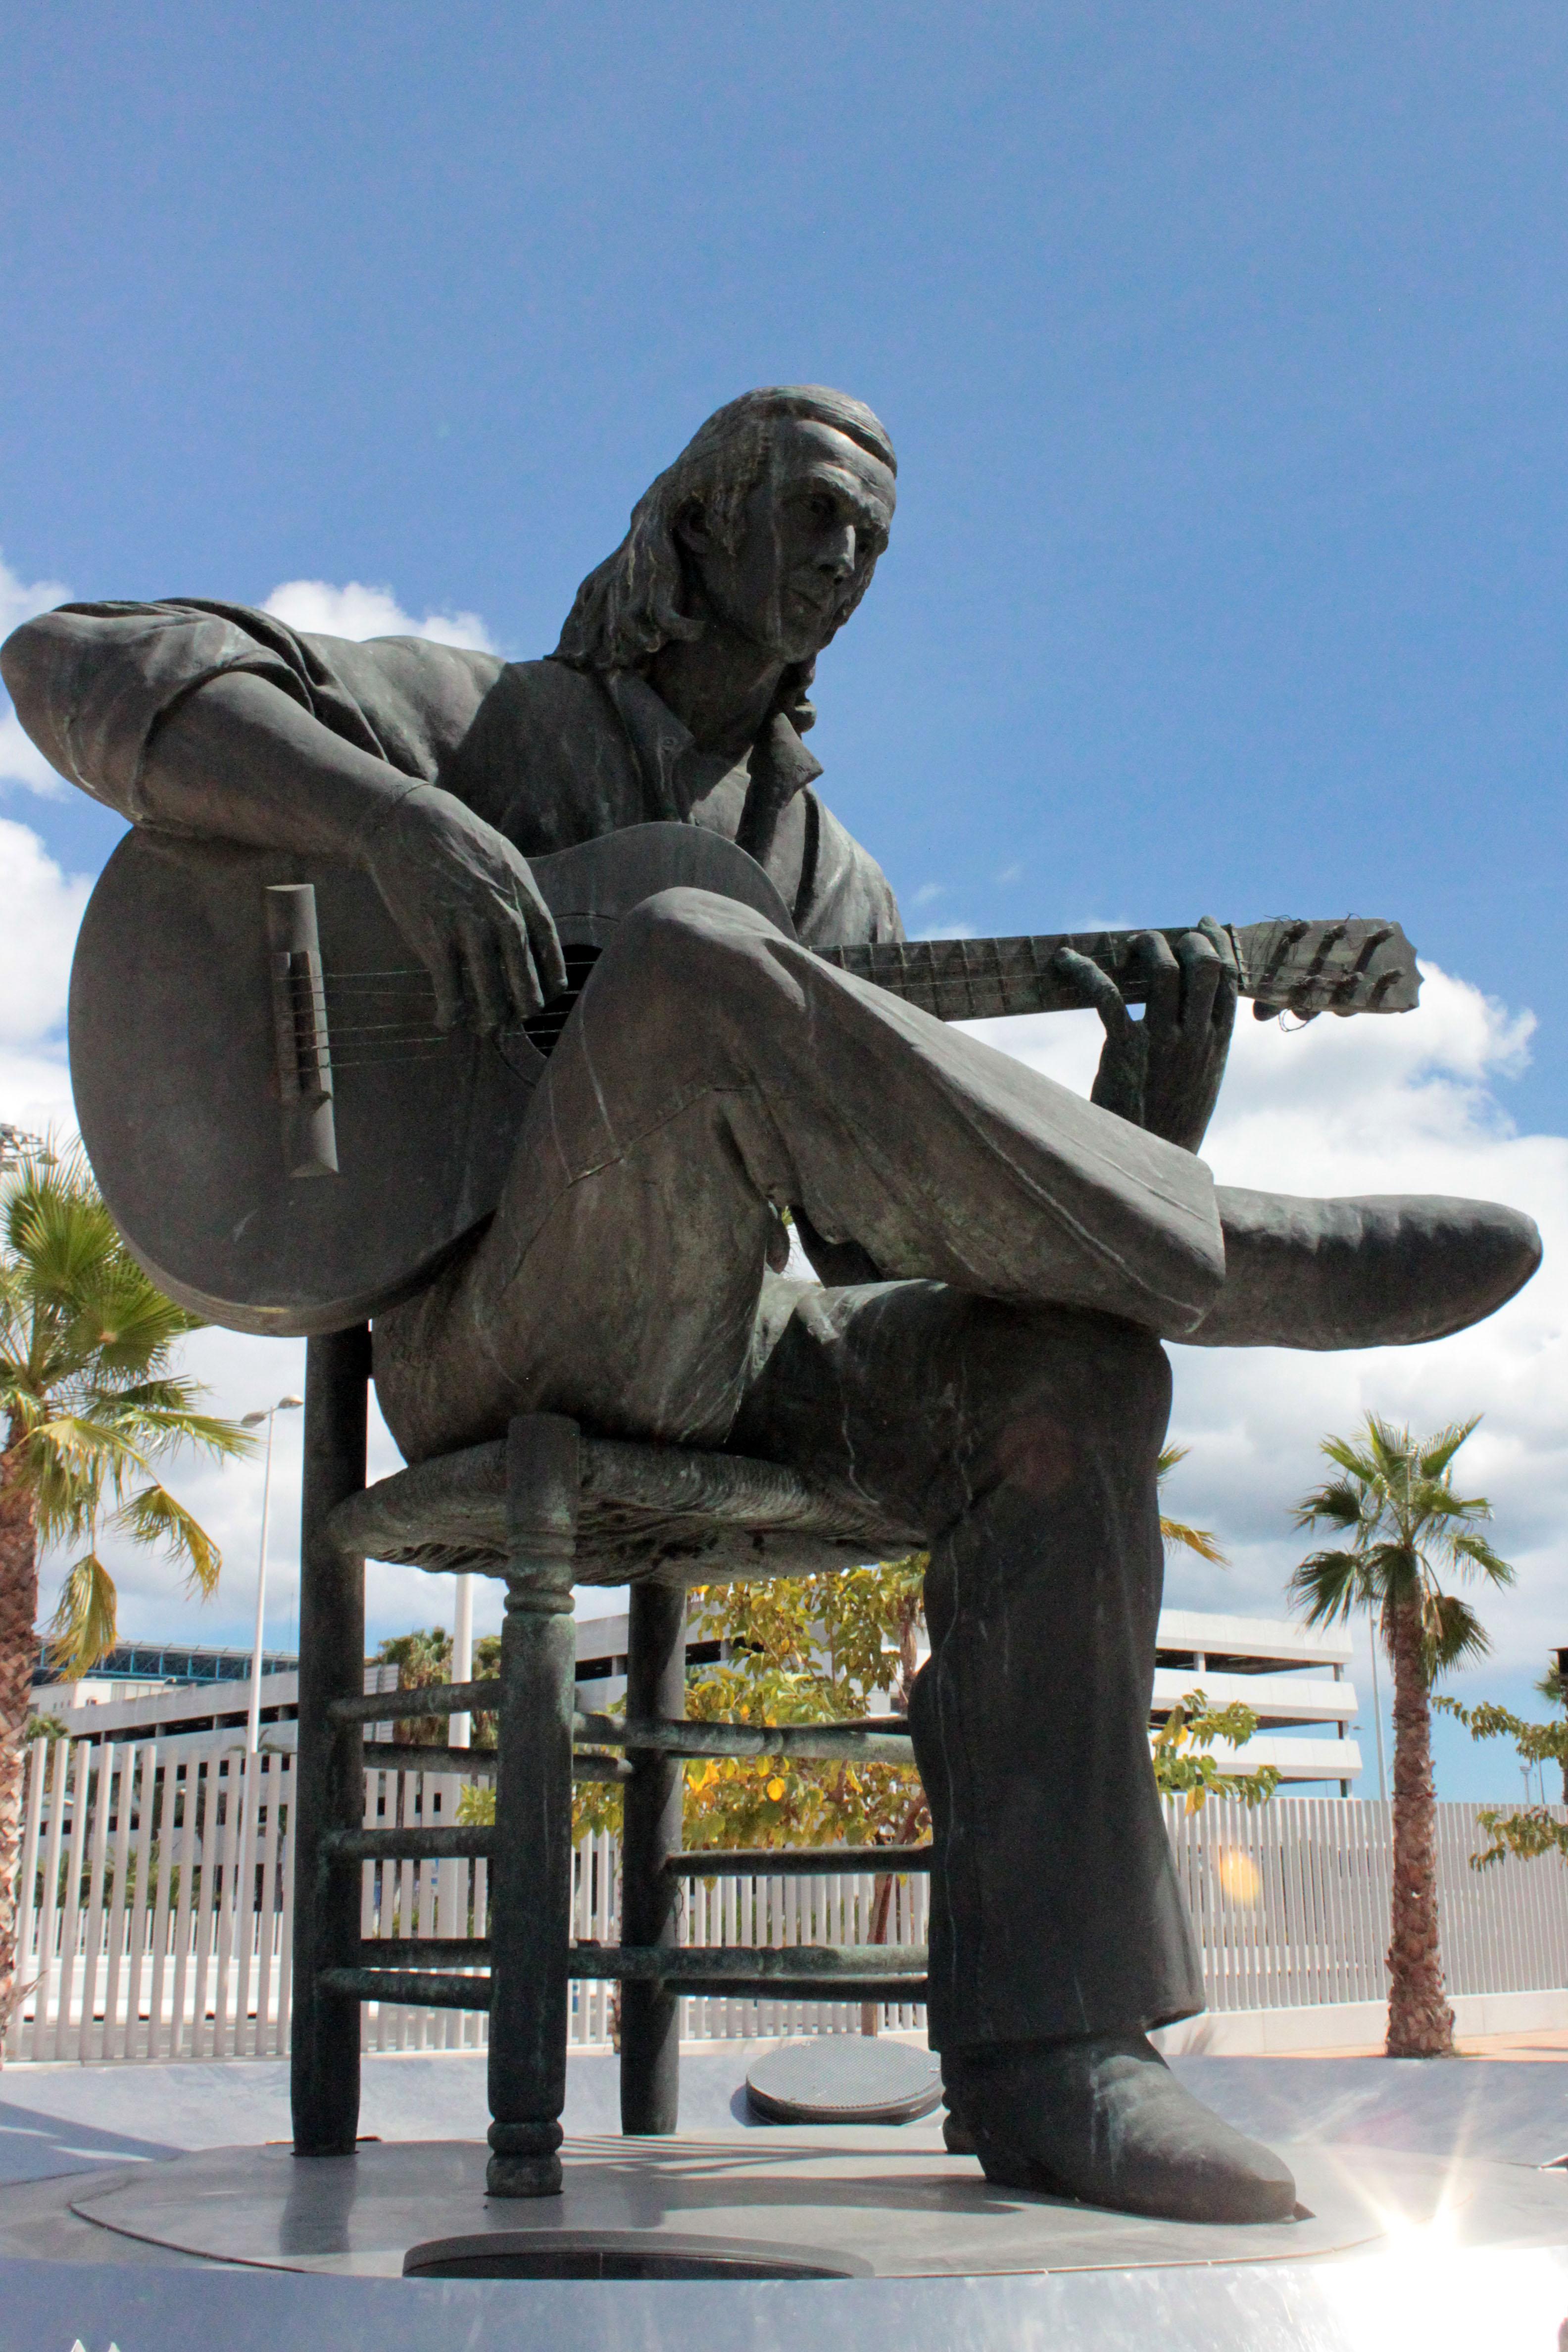 Escultura de Paco de Lucía, obra de Nacho Falgueras de 1994, en su localidad natal.